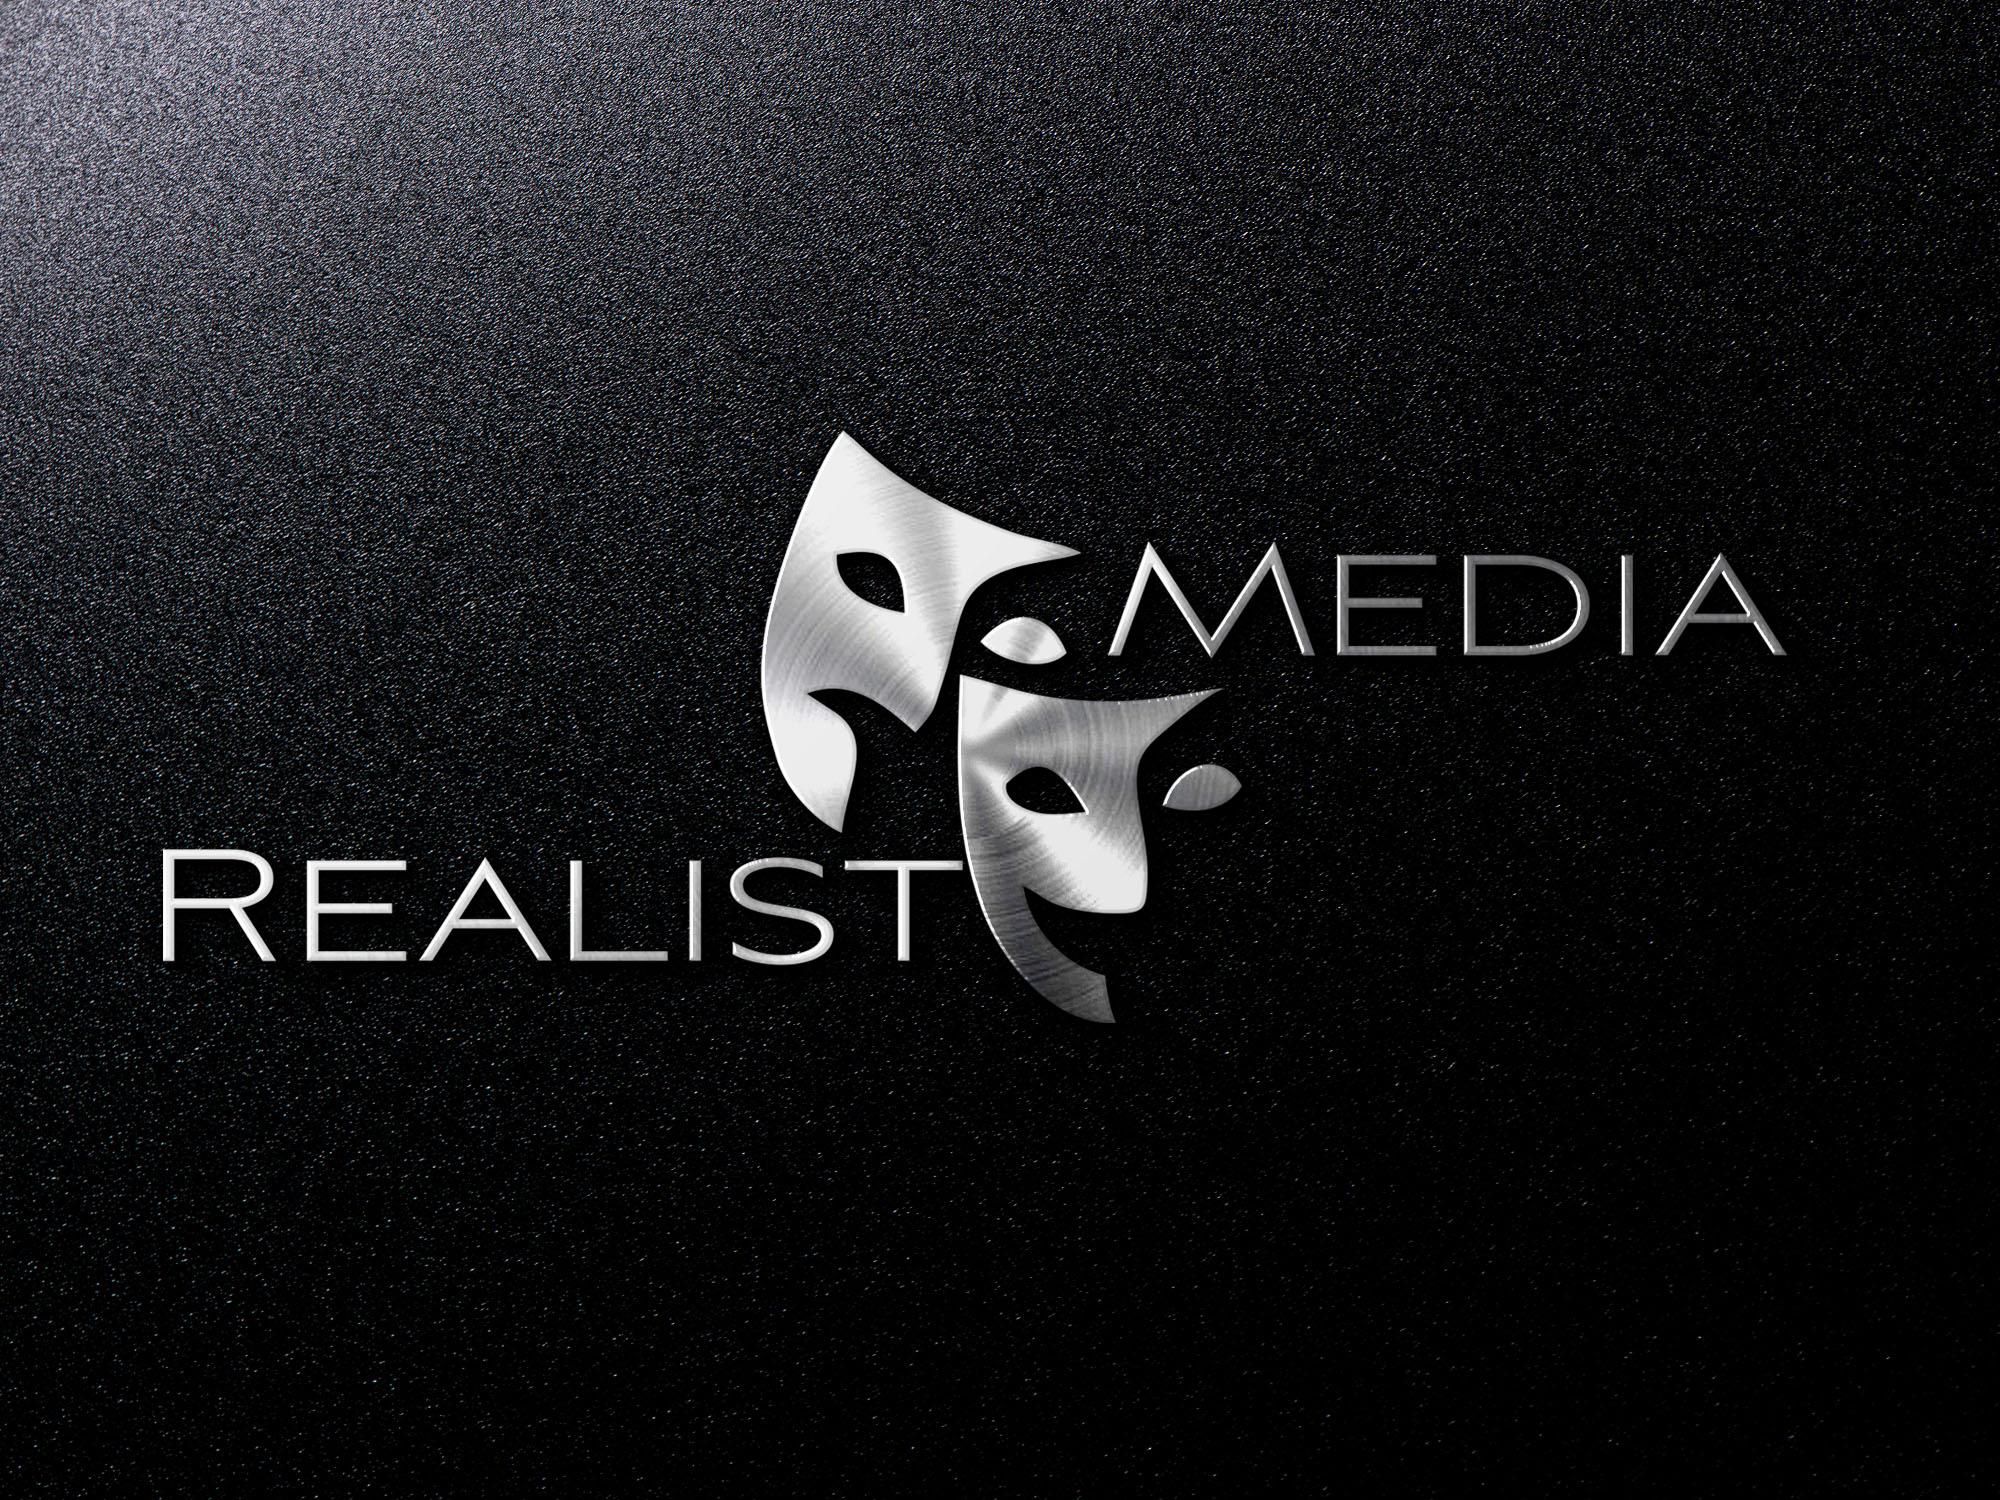 Разработка дизайна логотипа продакшена фото f_0485a80210284dcc.jpg